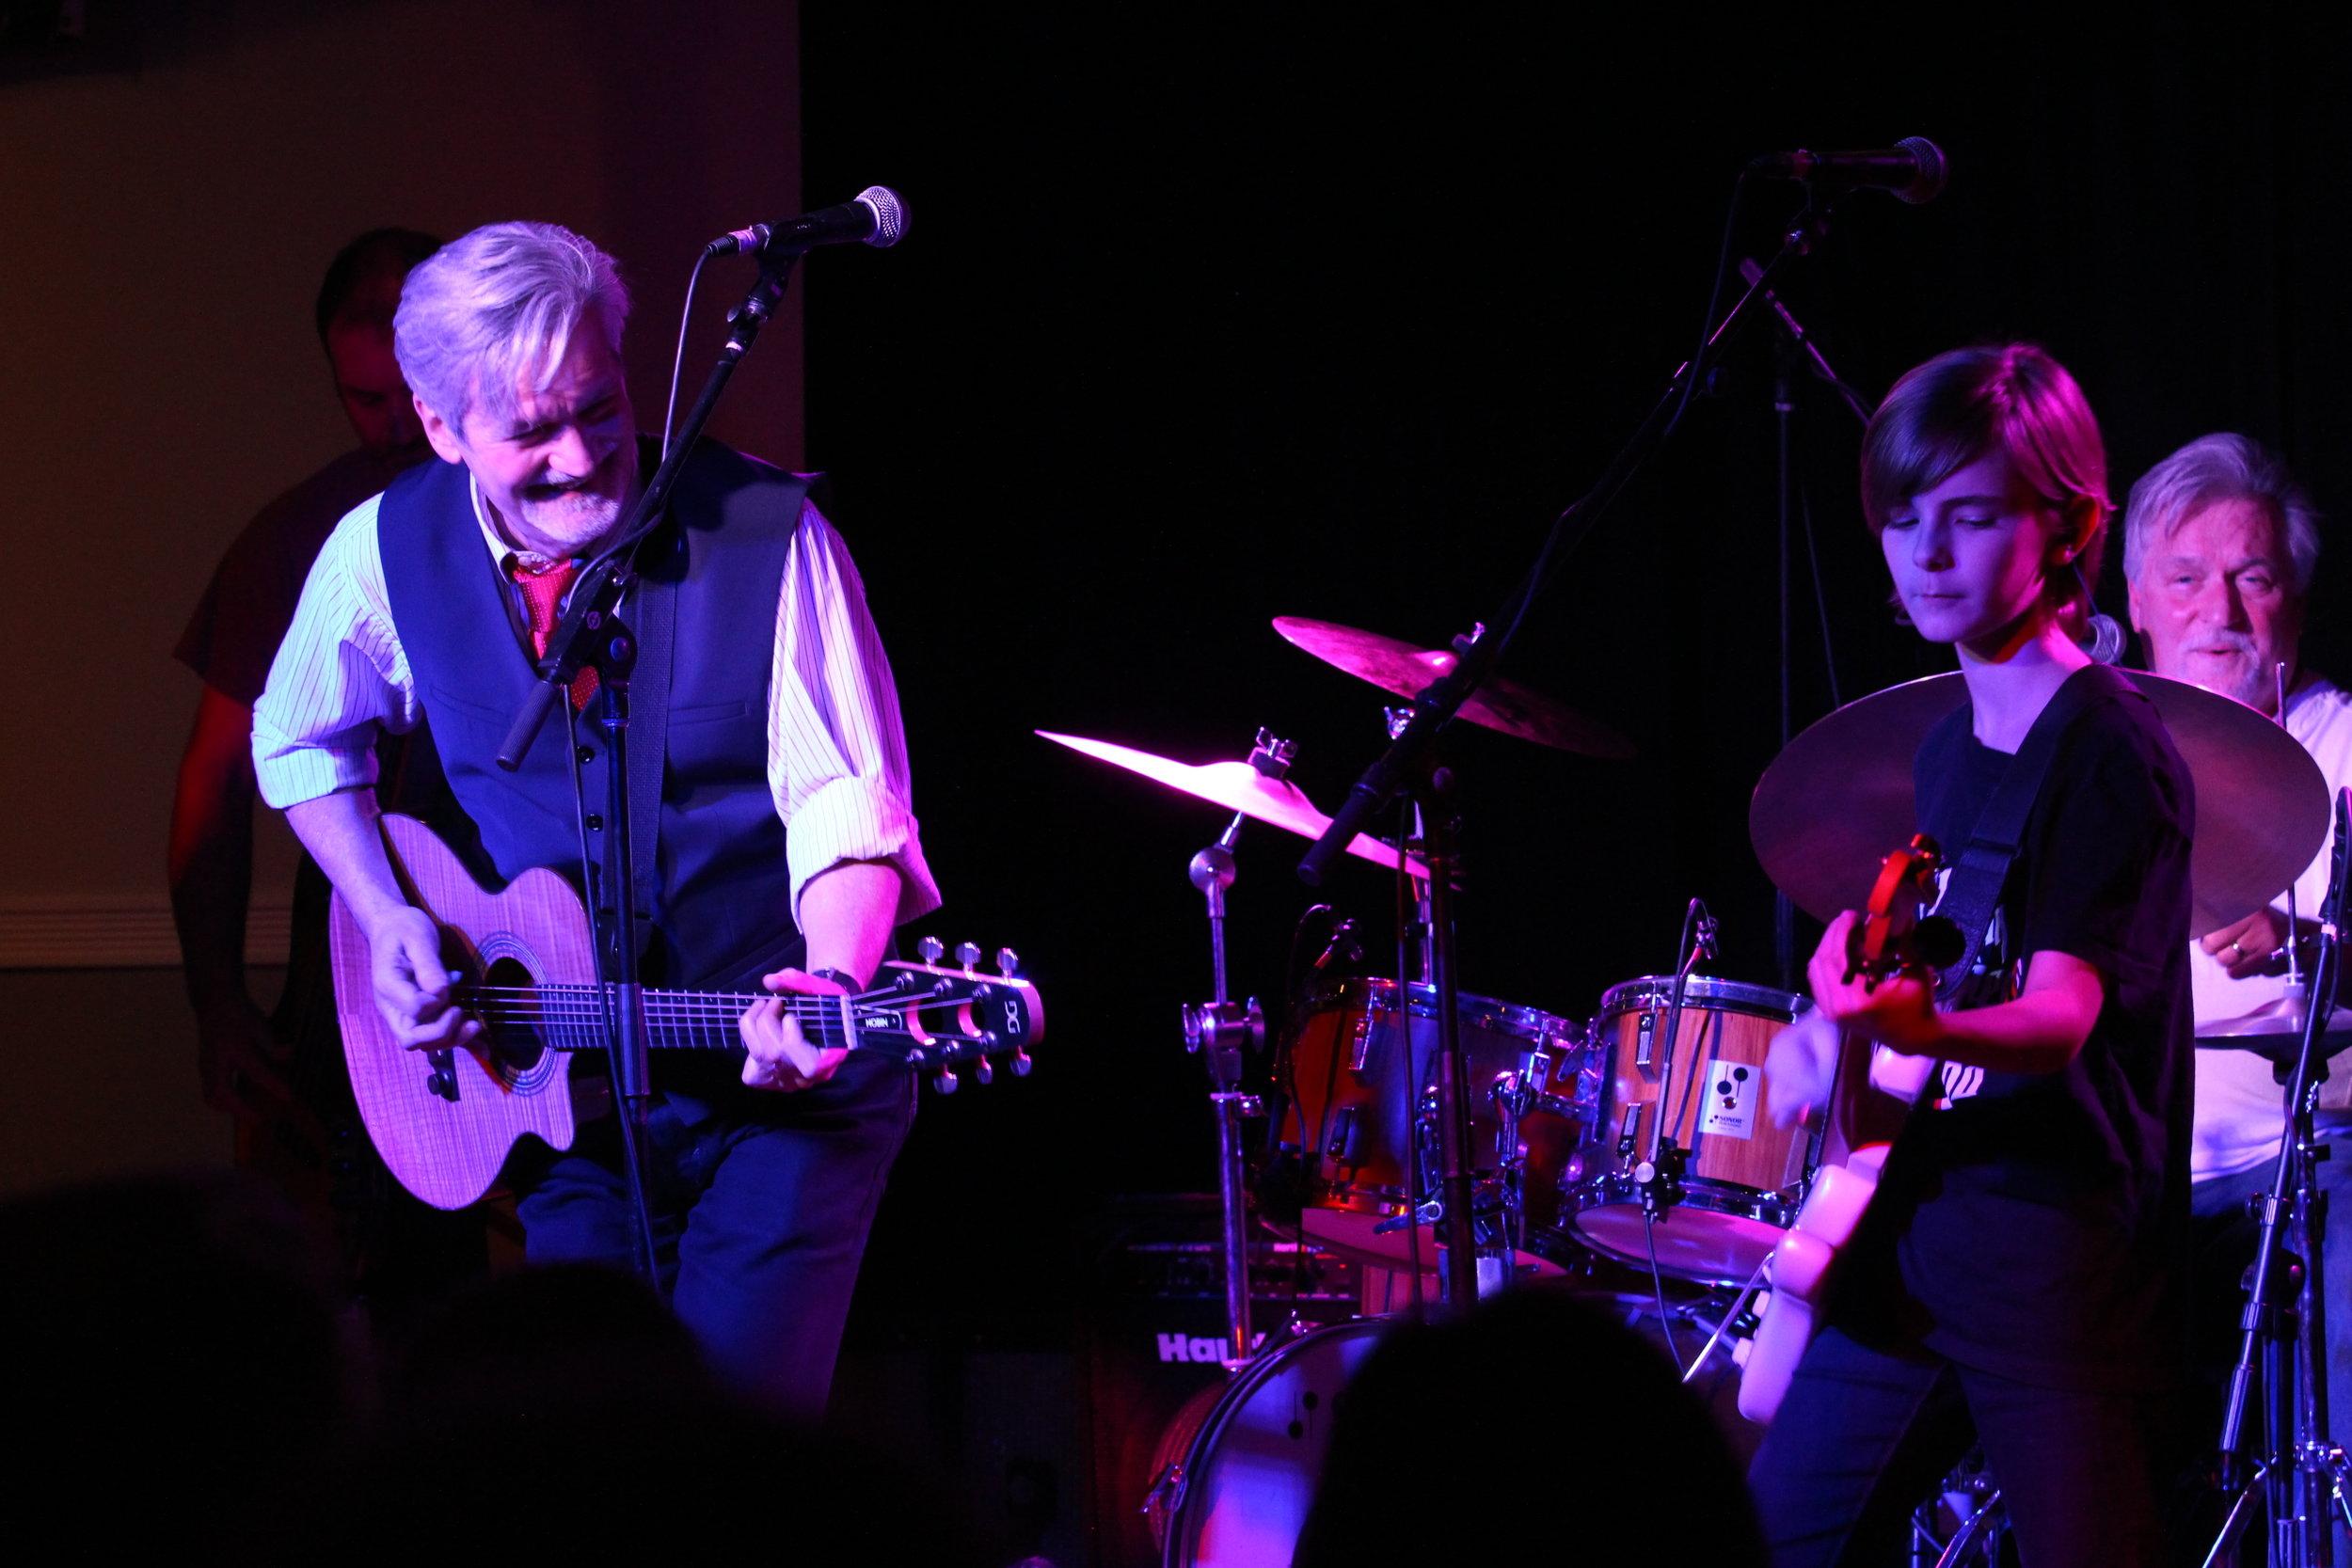 Eamonn Hubert with the Todd Hobin Band.